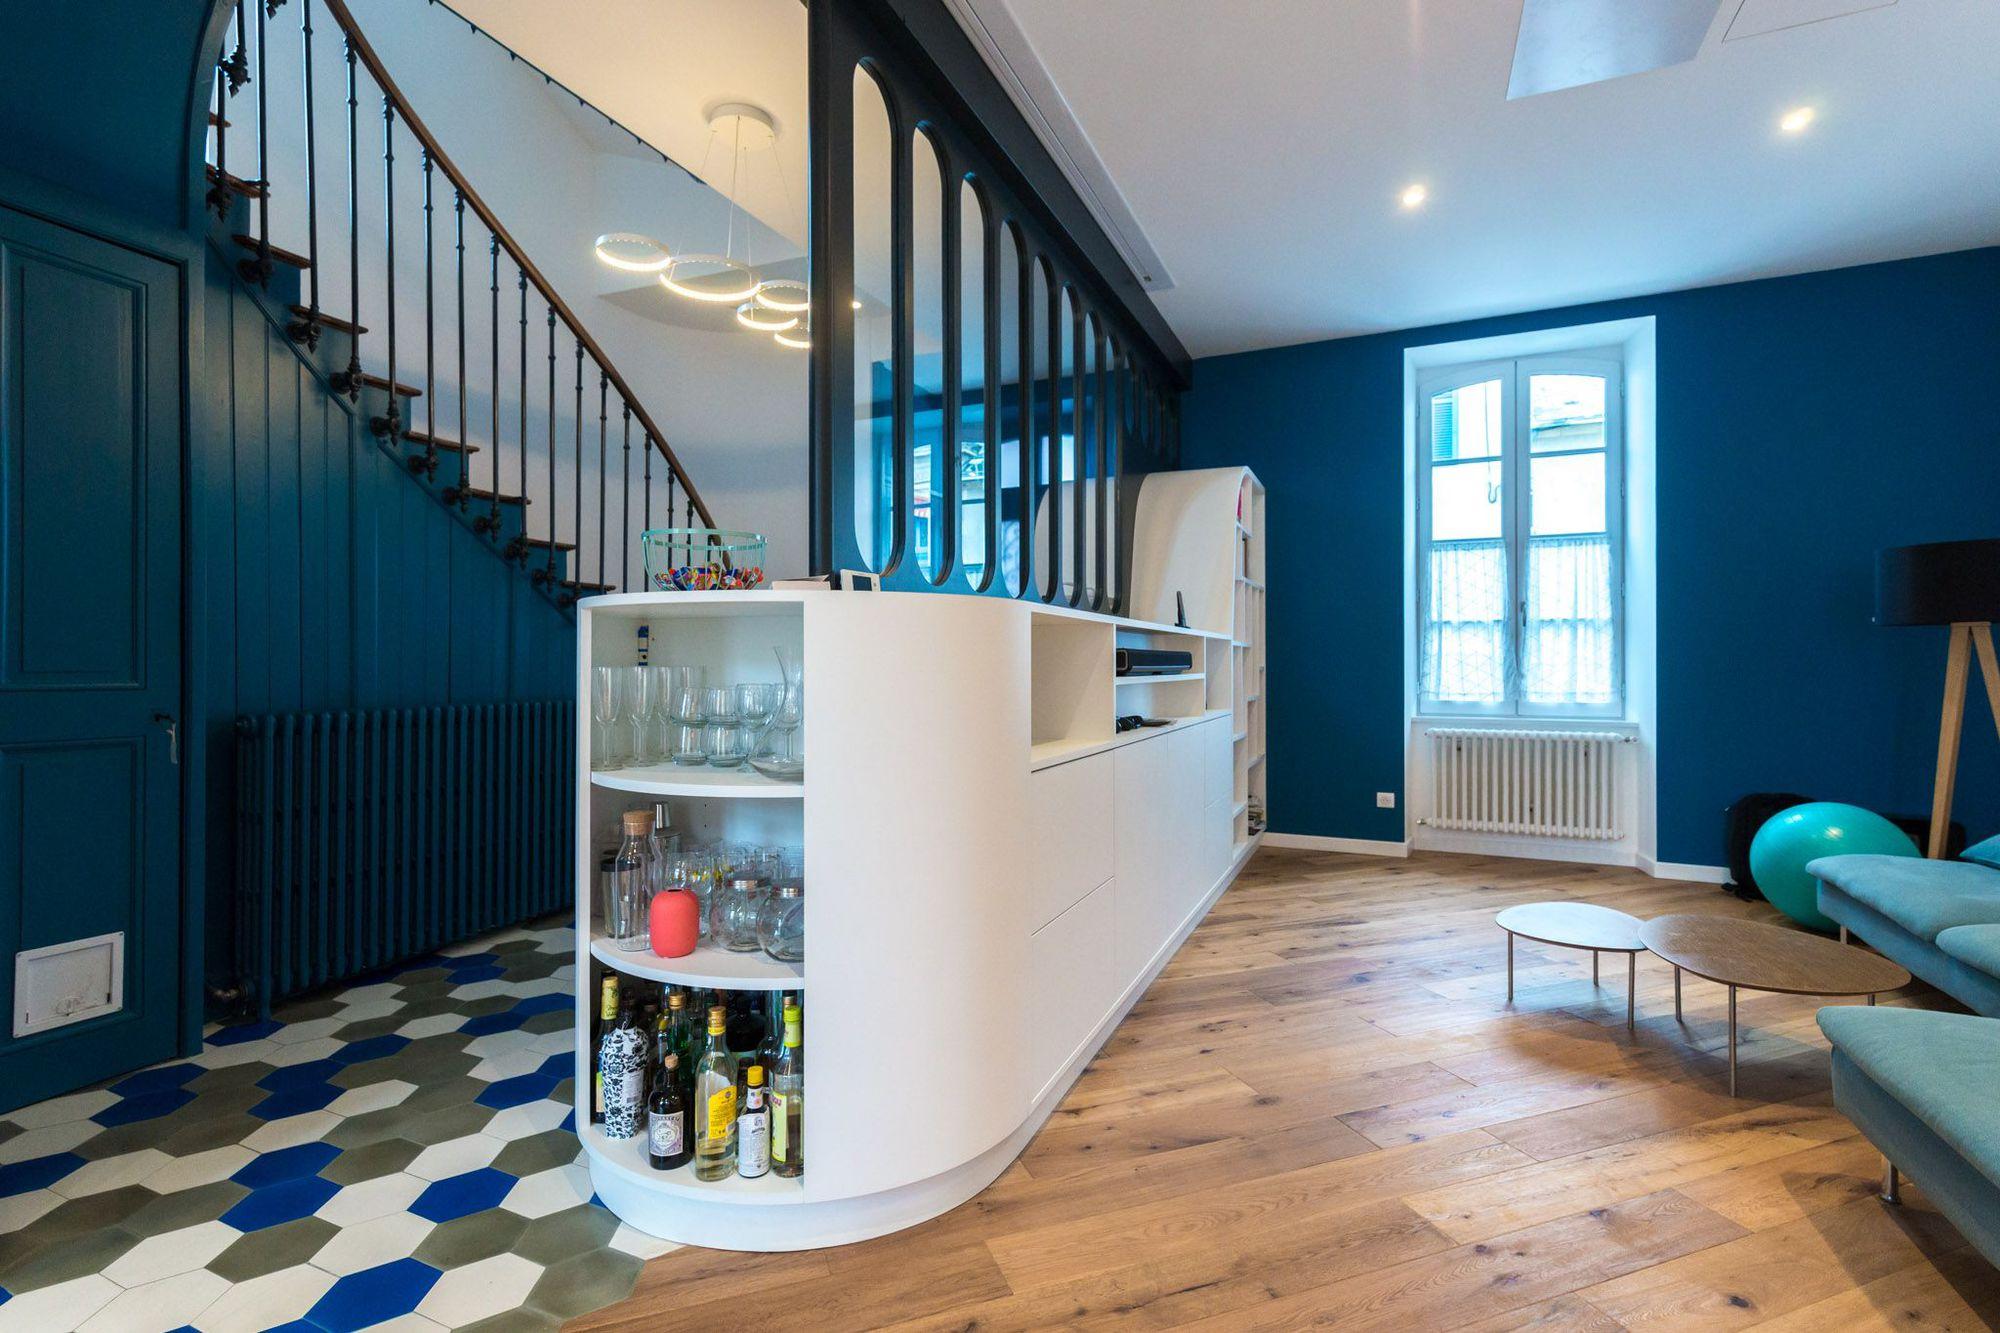 avant apr s la transformation saisissante d 39 un ancien squat en maison familiale des id es. Black Bedroom Furniture Sets. Home Design Ideas